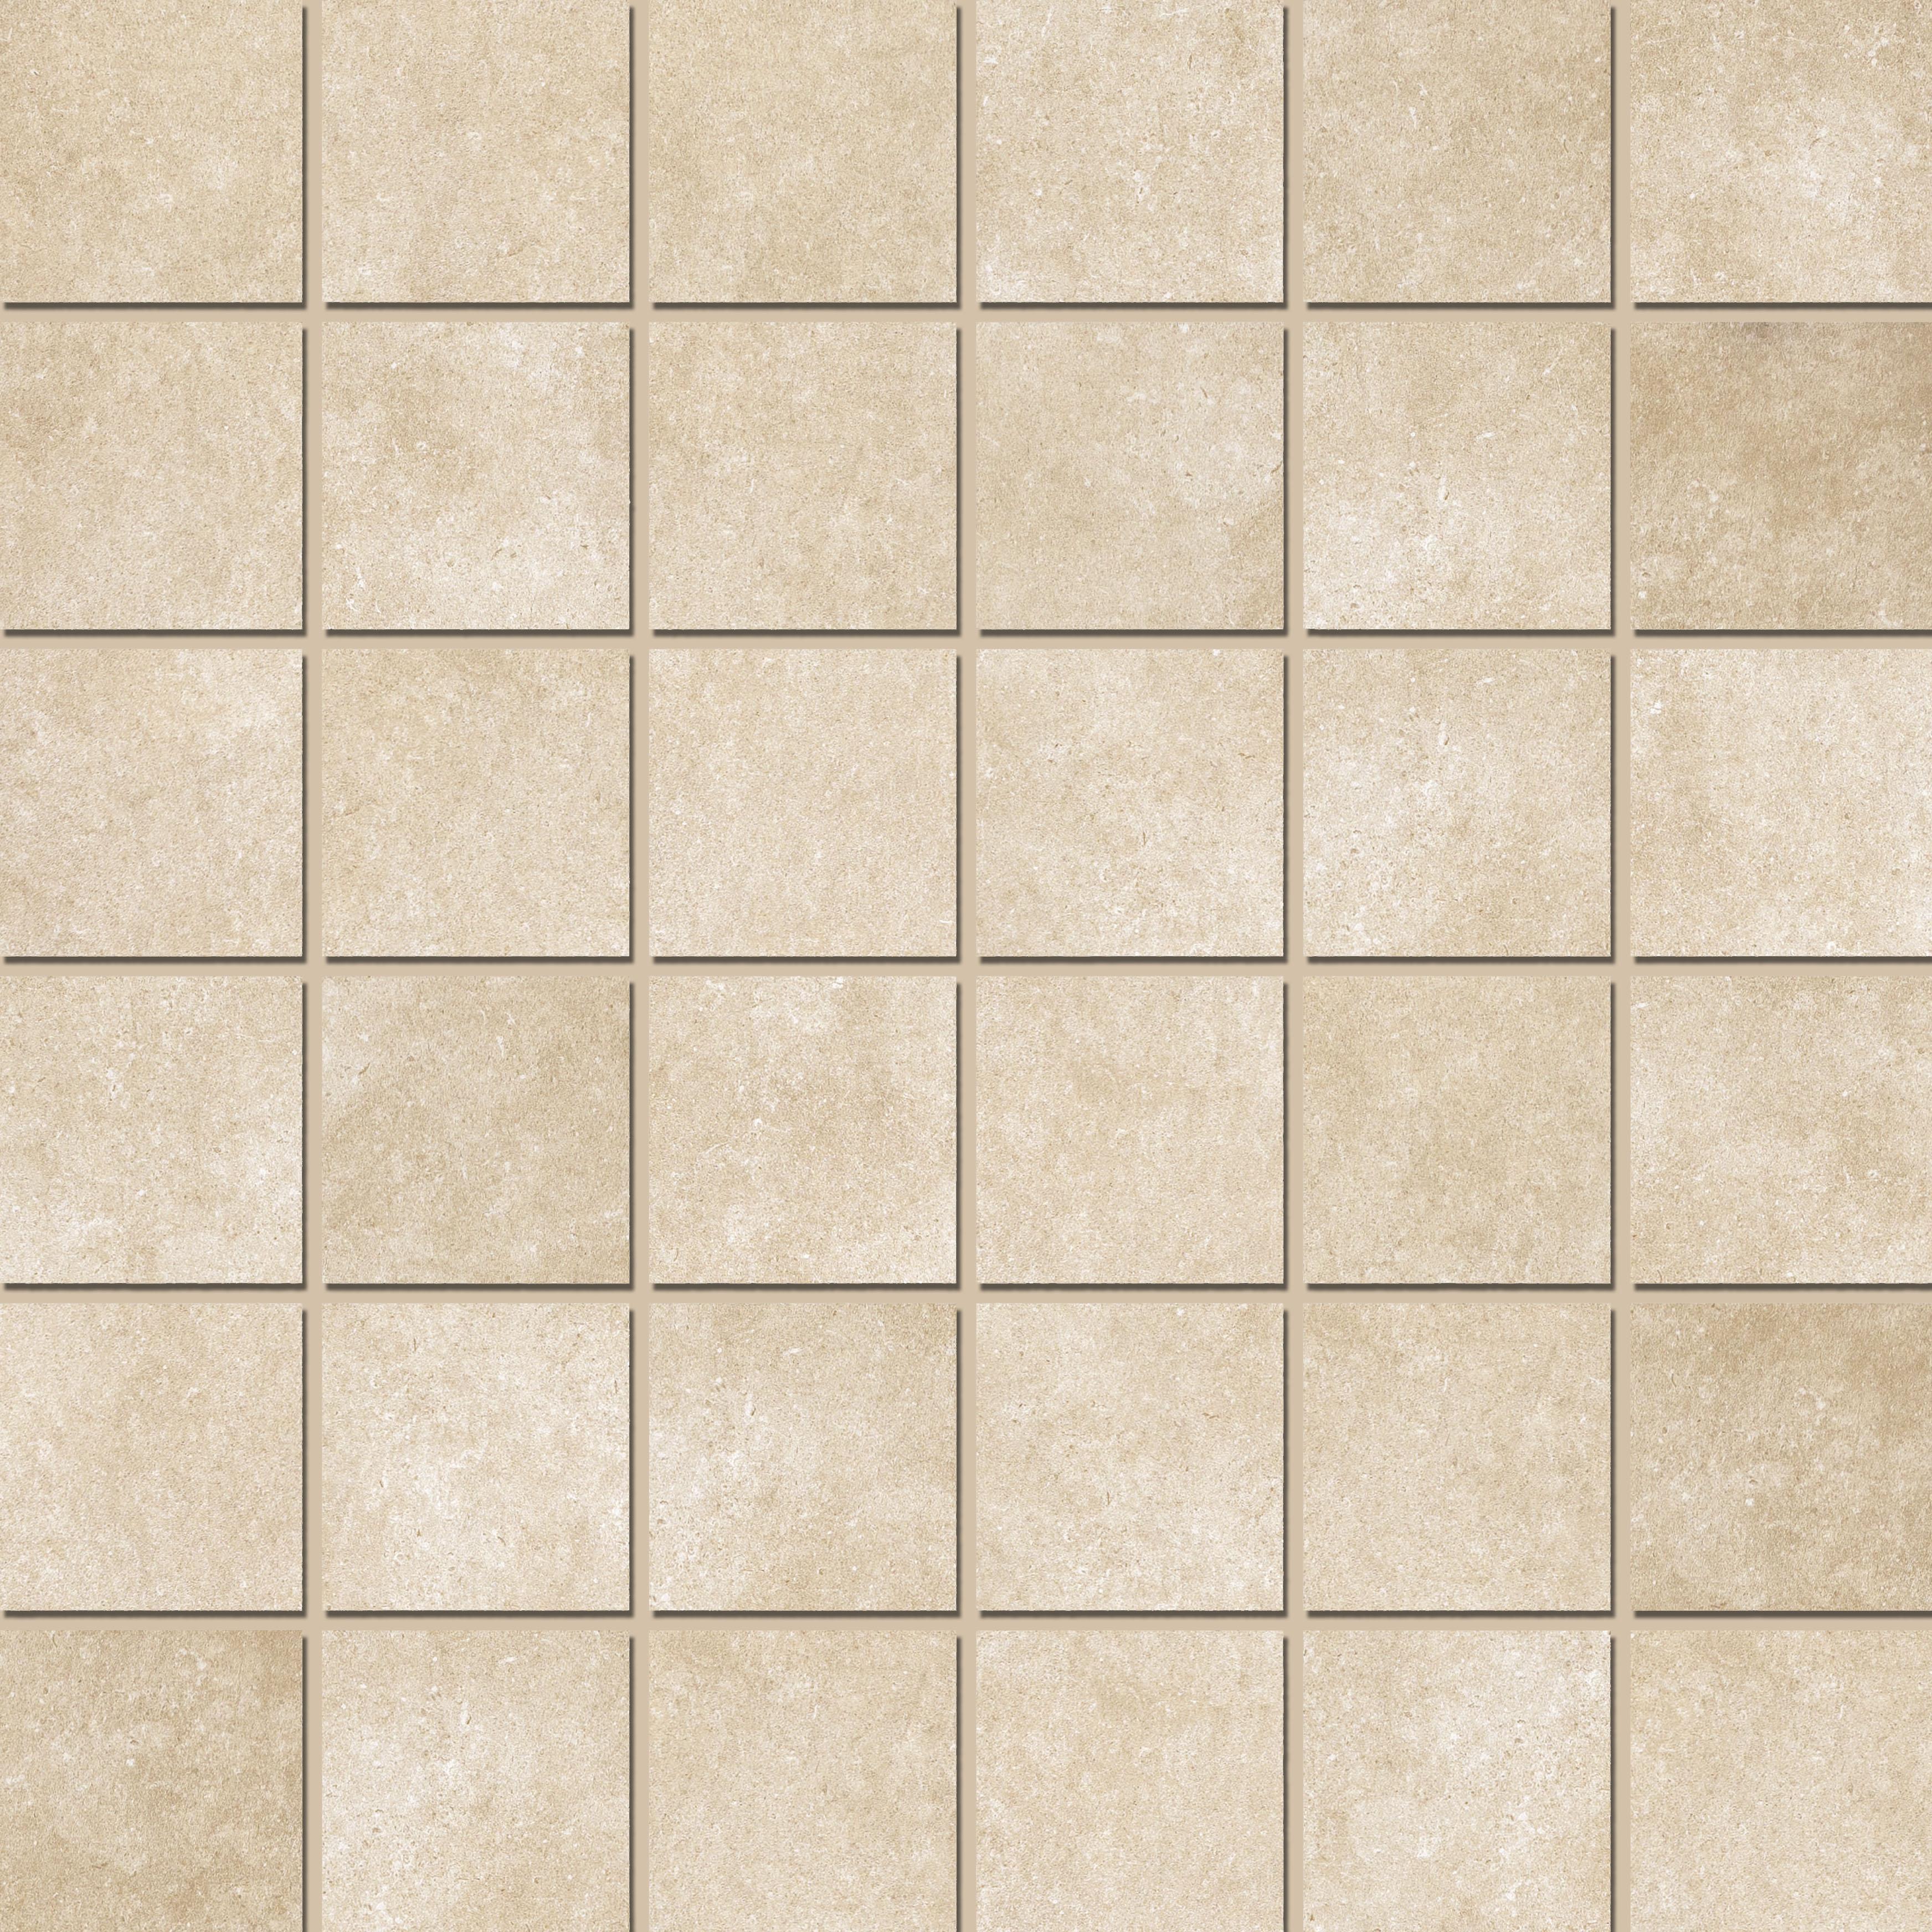 Mosaic 4,7x4,7 Vanilla Lace